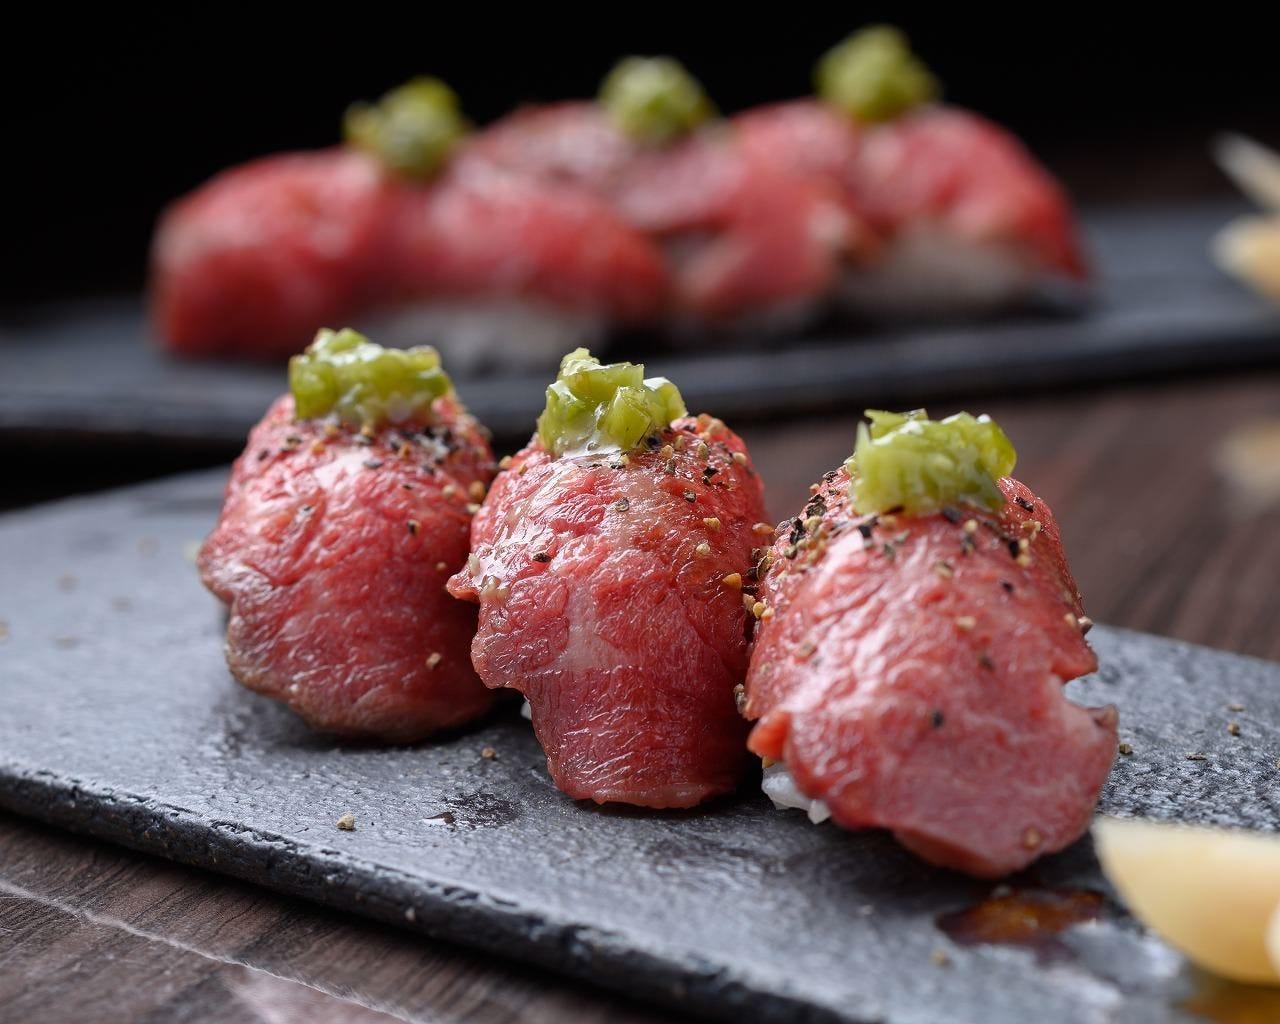 焼肉屋がこだわった肉寿司!